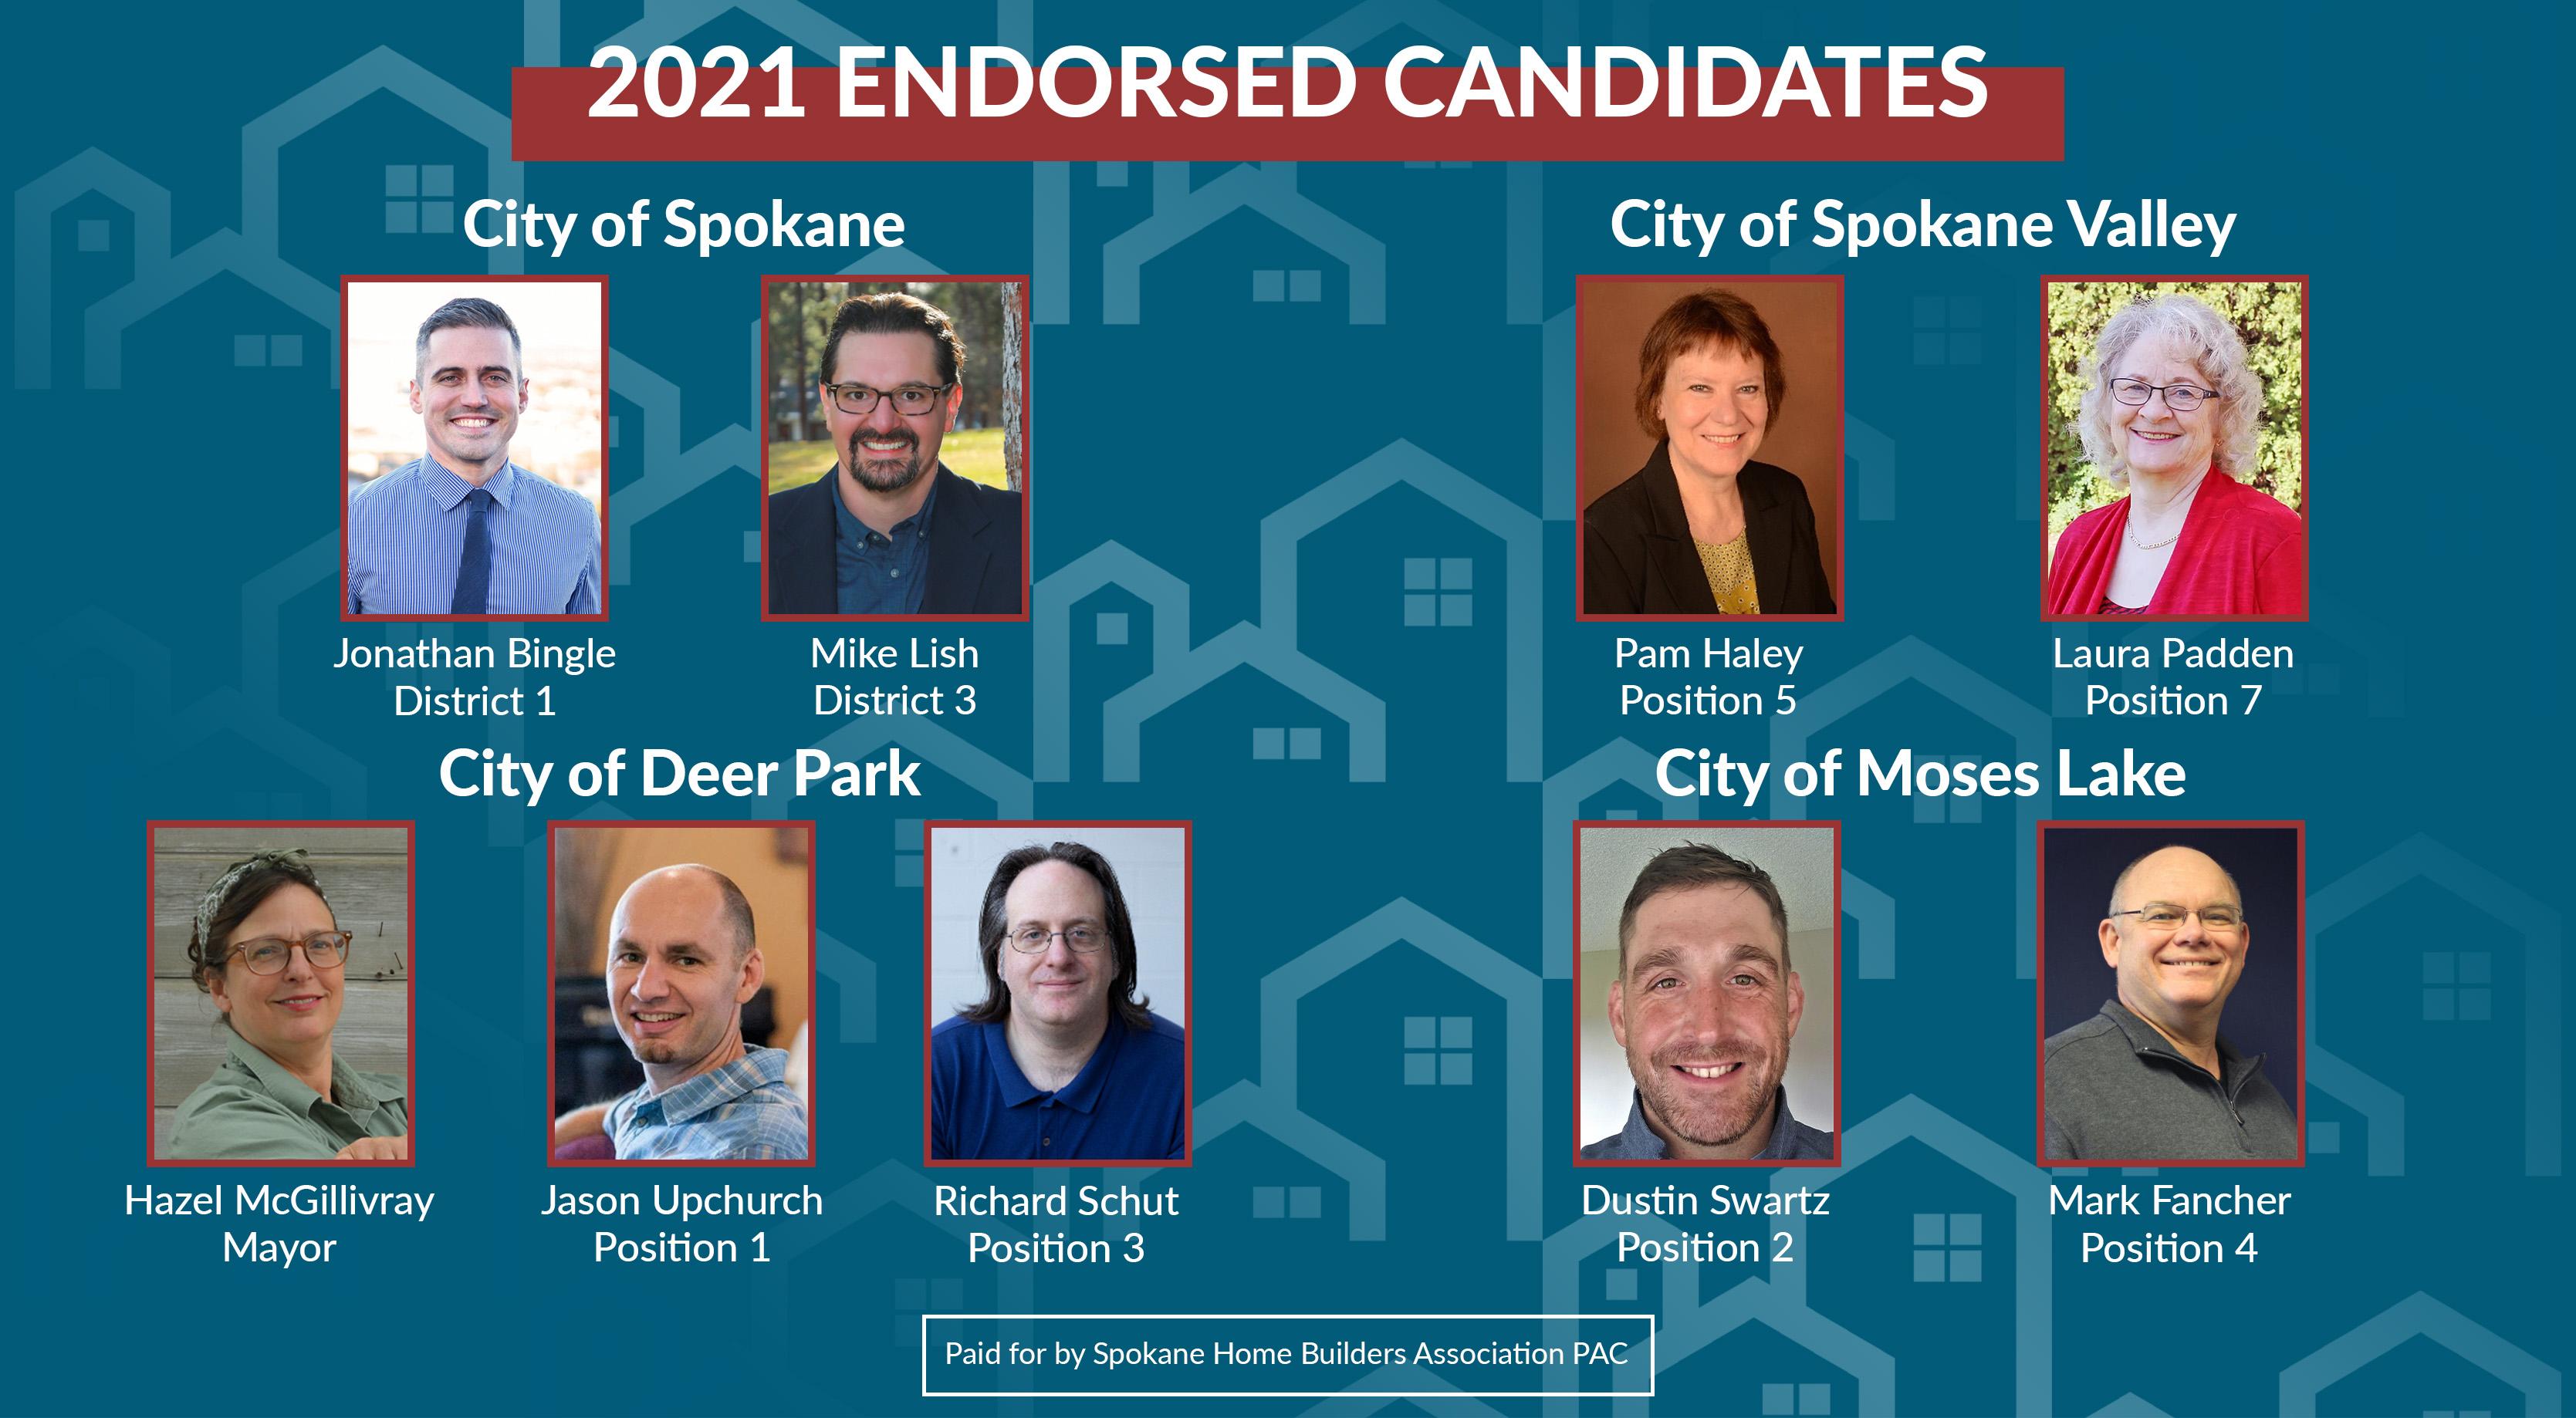 2021 Endorsed Candidates